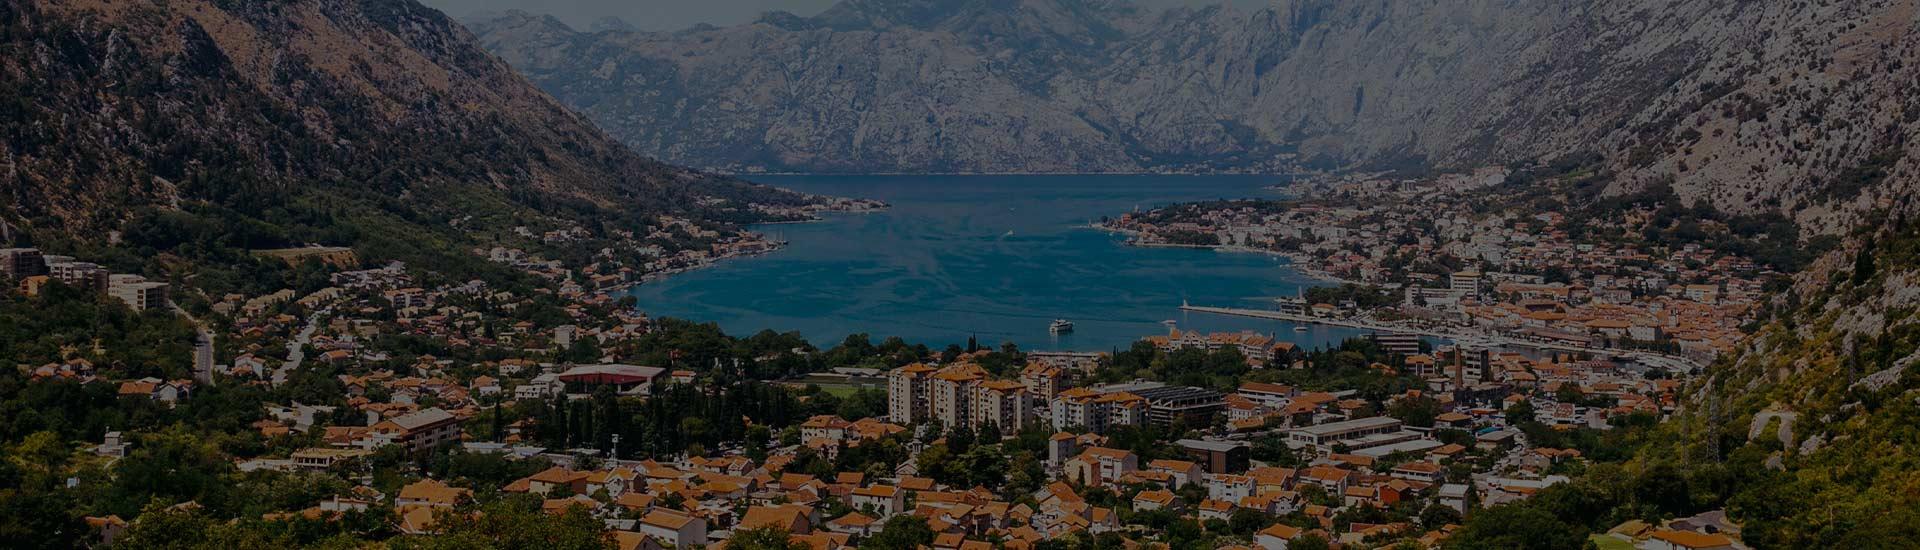 Spedition Montenegro Transporte und Logistik